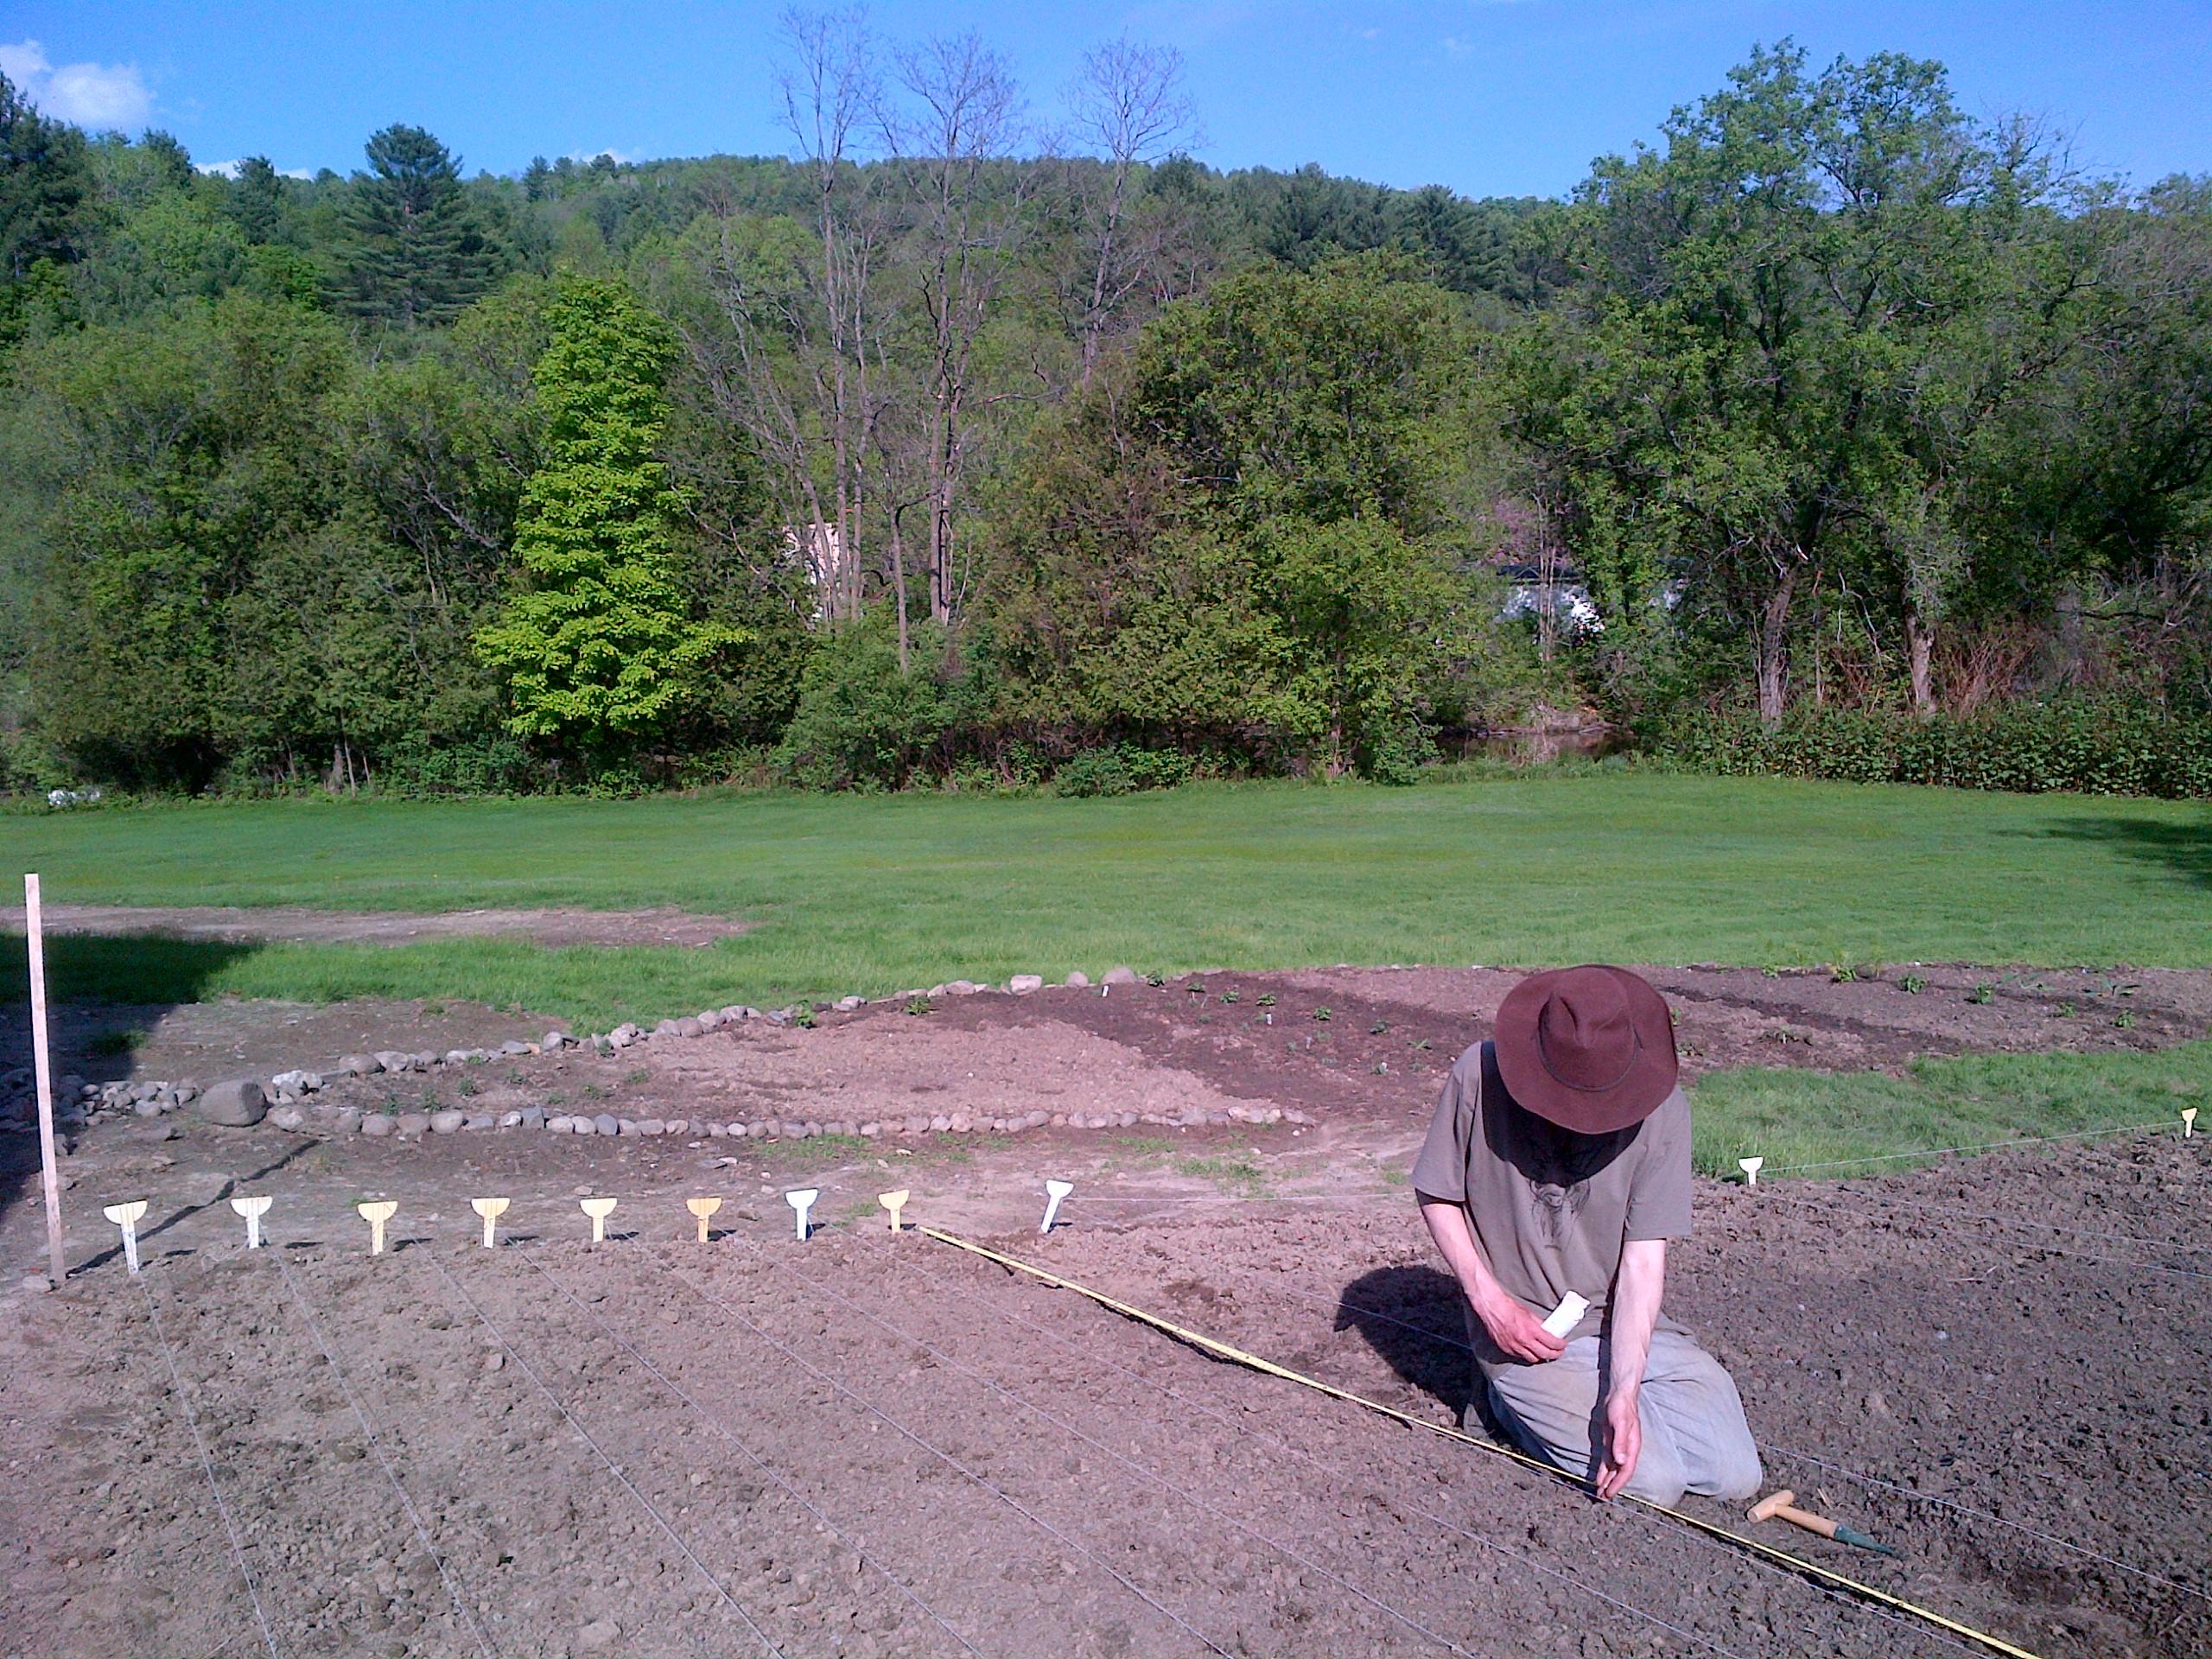 Jason plants sweet, early corn